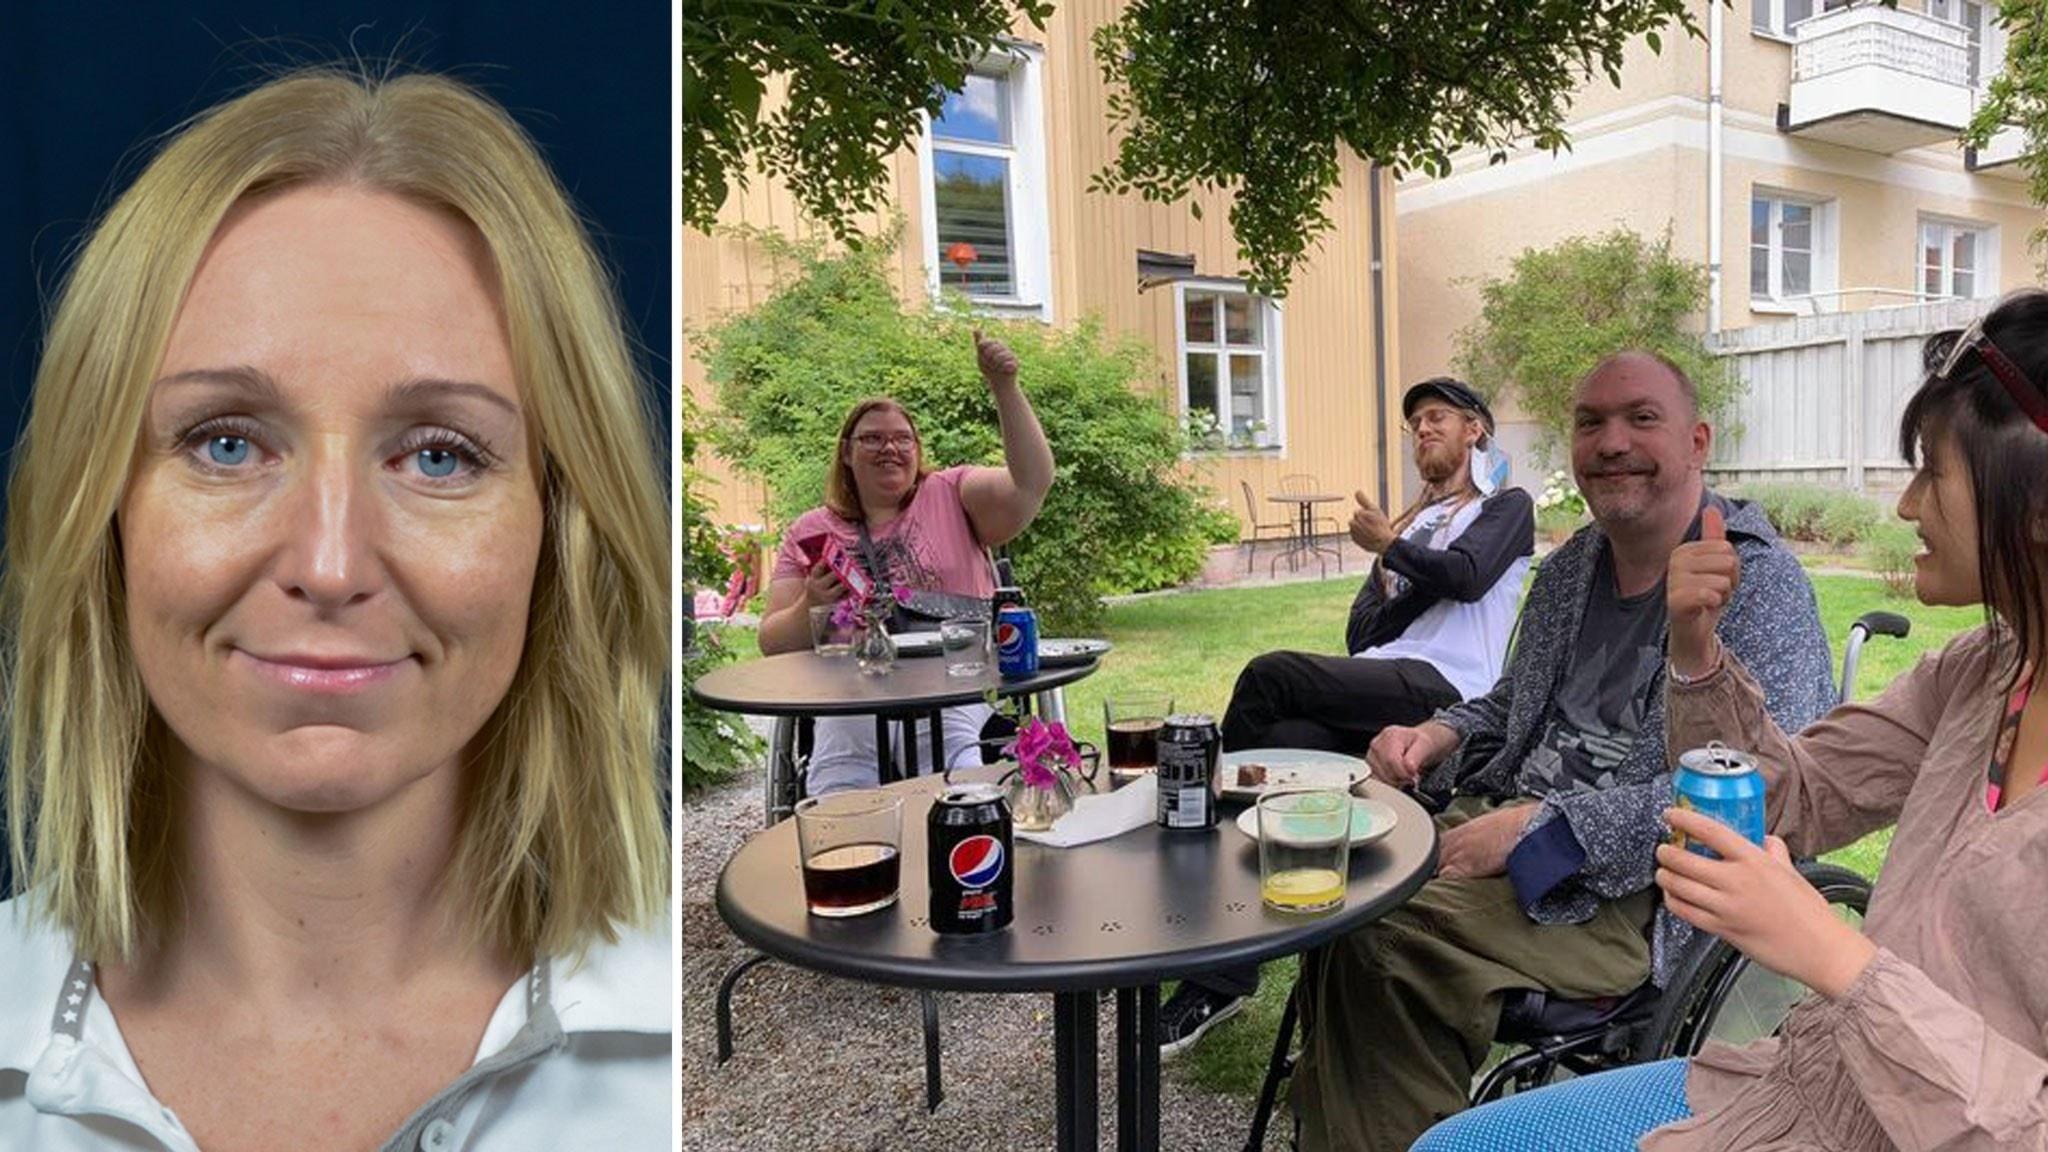 Emma Rosén till vänster, ett porträtt, blond kvinna med axellångt hår. Till höger fyra personer som sitter utomhus och fikar under träd. De ler mot kameran och visar tummen upp.